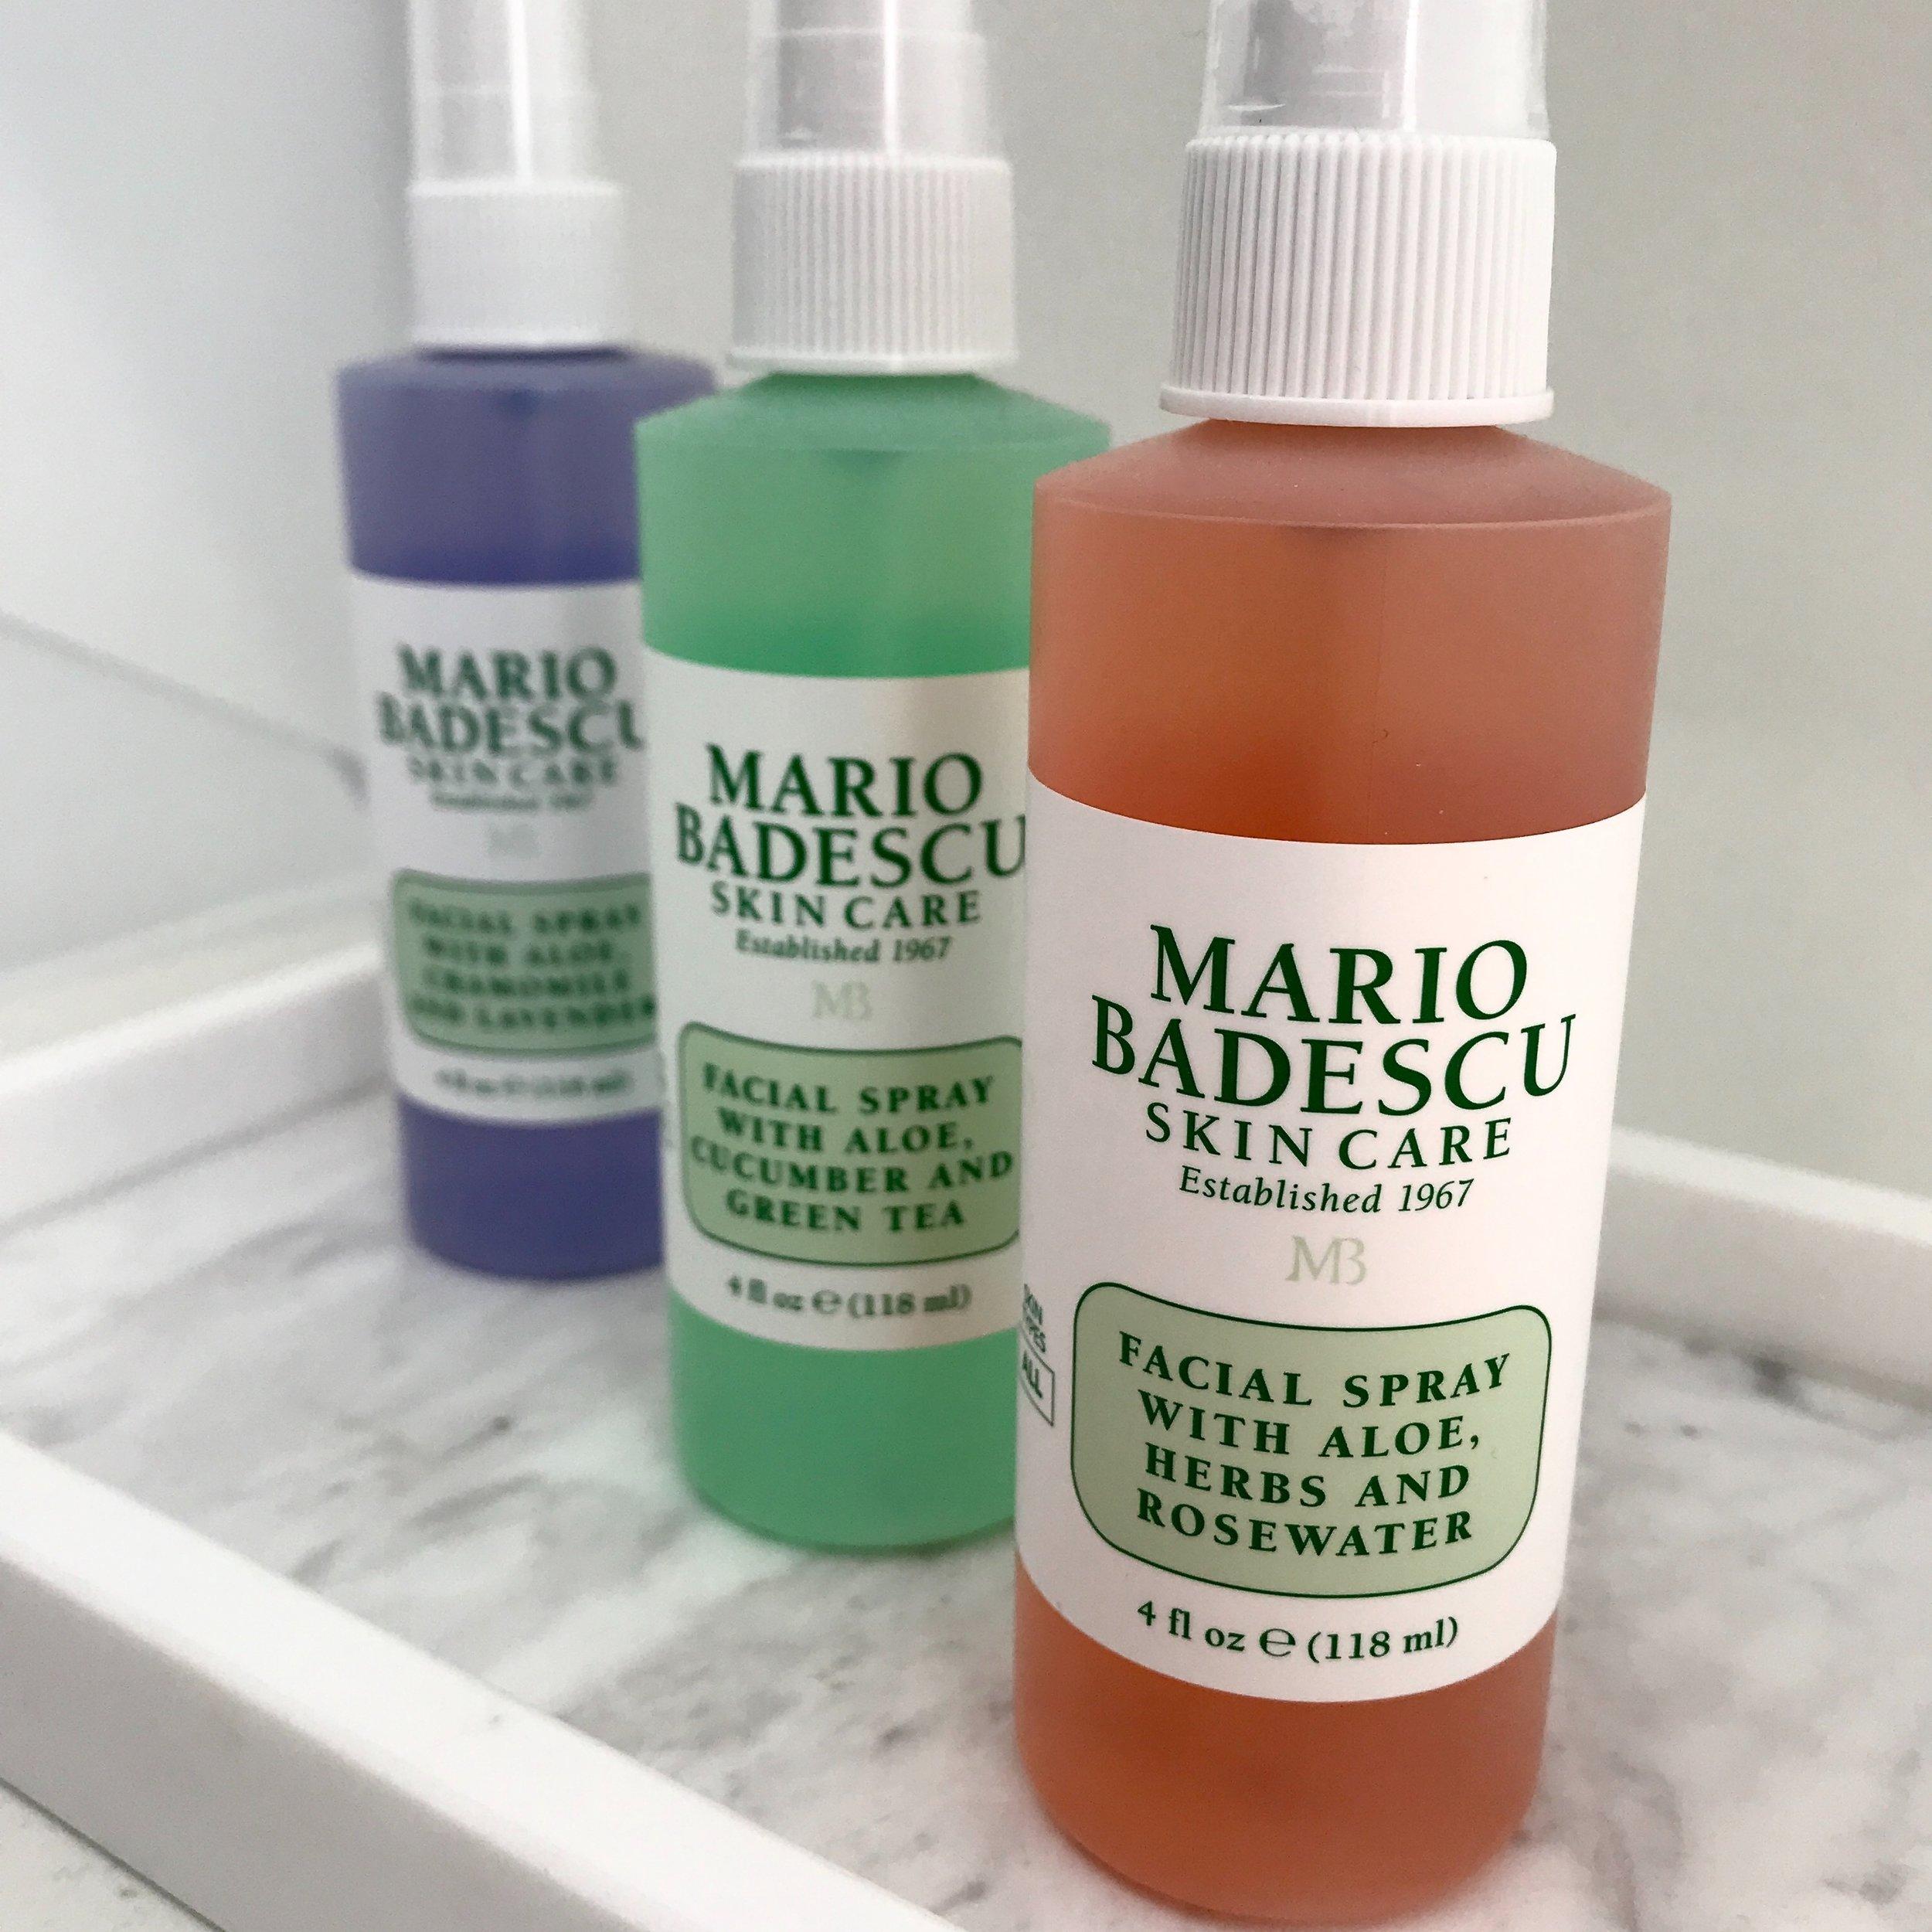 maroi badescu sprays.jpg